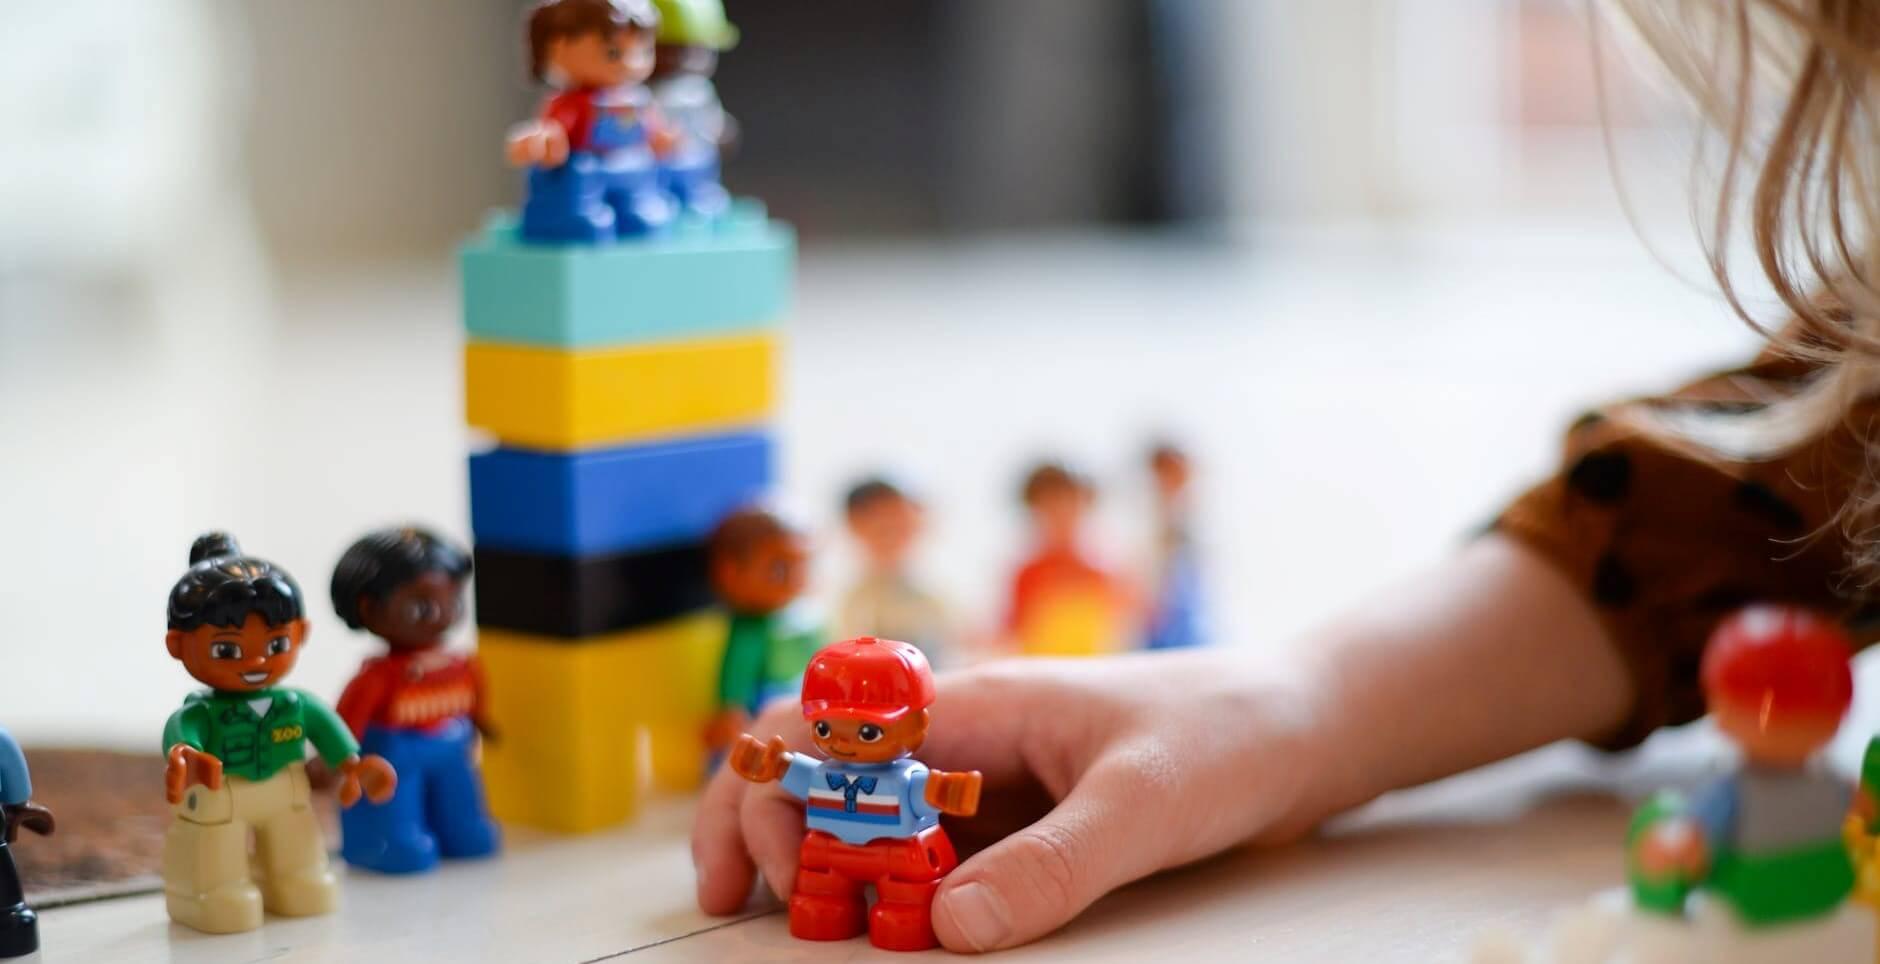 Phát triển mục tiêu học thuật của trẻ - Trường mầm non Quốc tế iBS